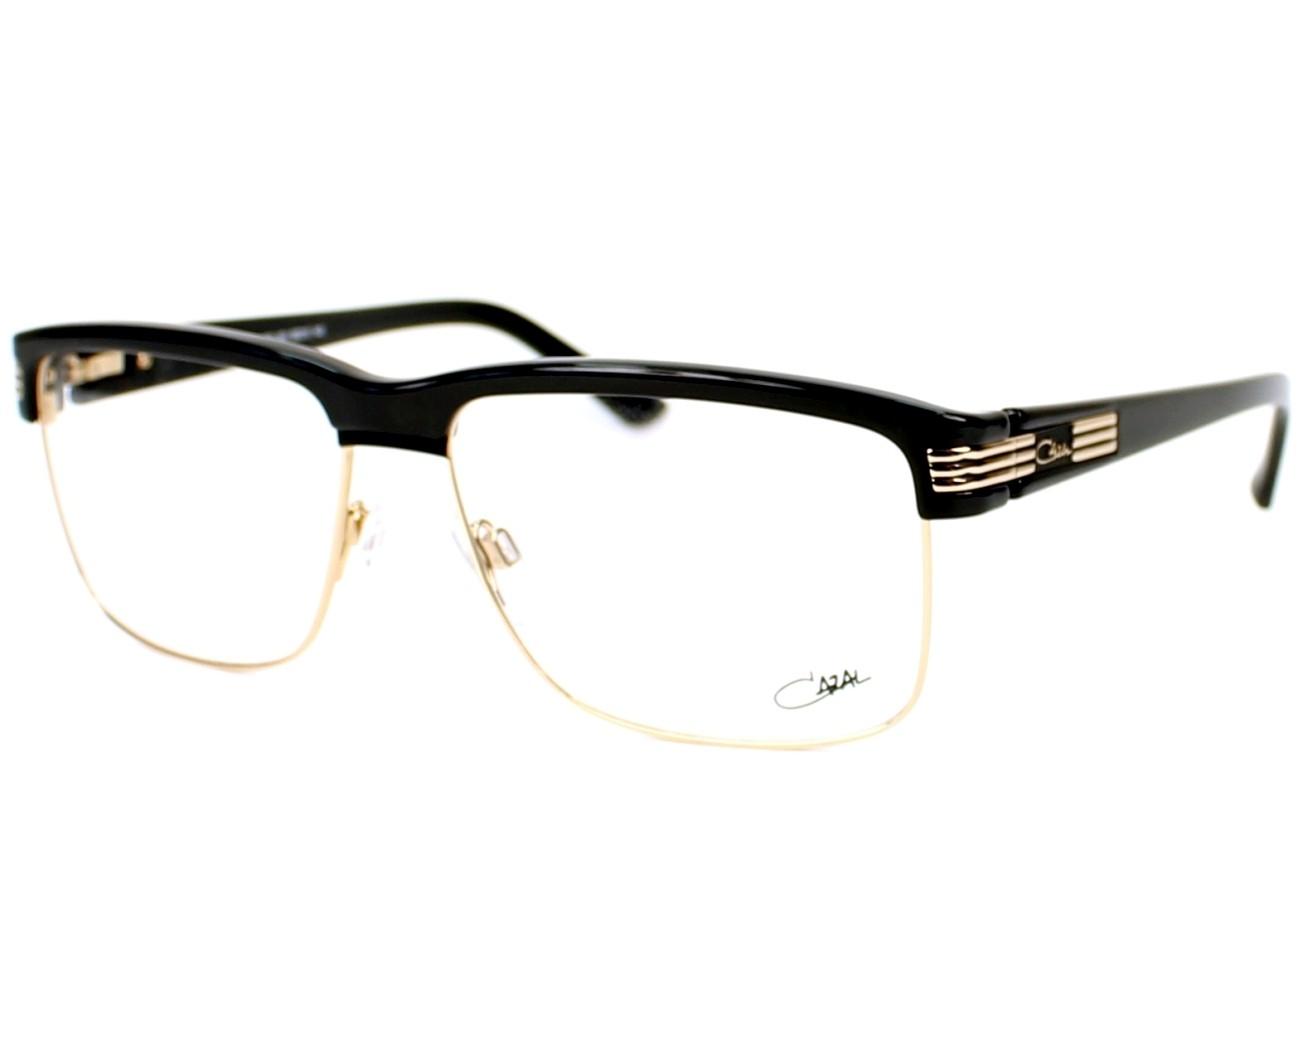 c0f061bbedf11 lunettes de vue homme cazal